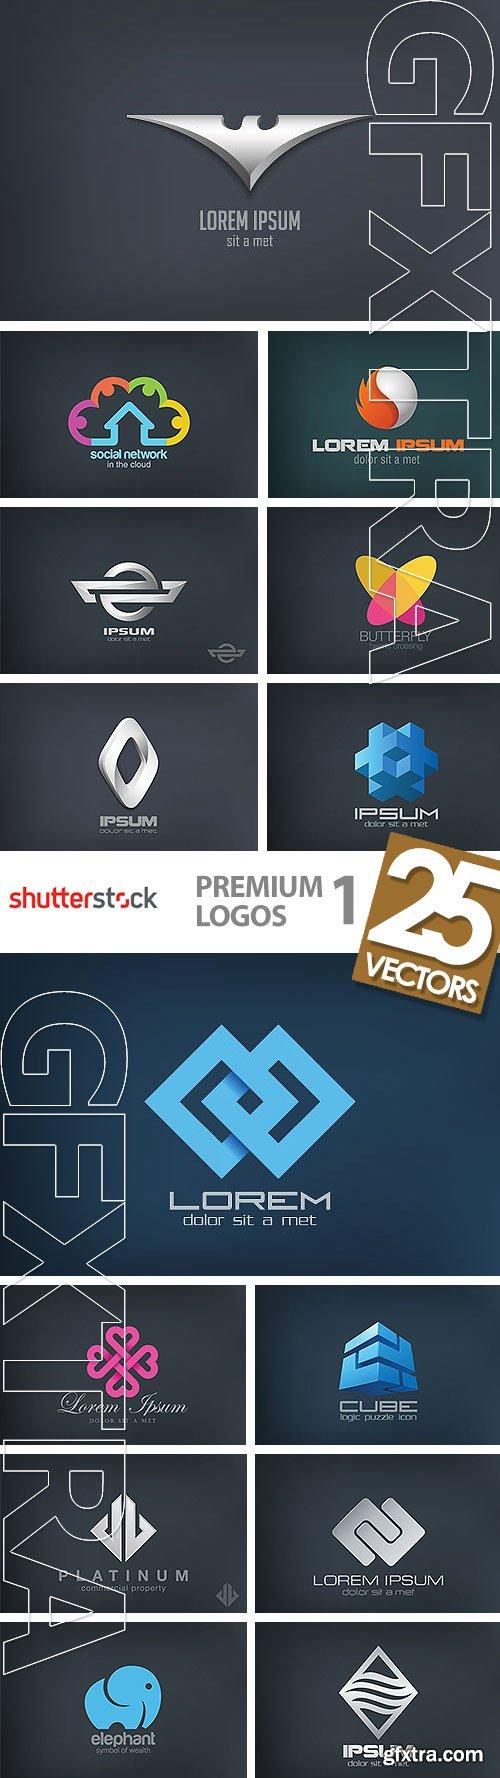 Premium Logos 1, 25xEPS